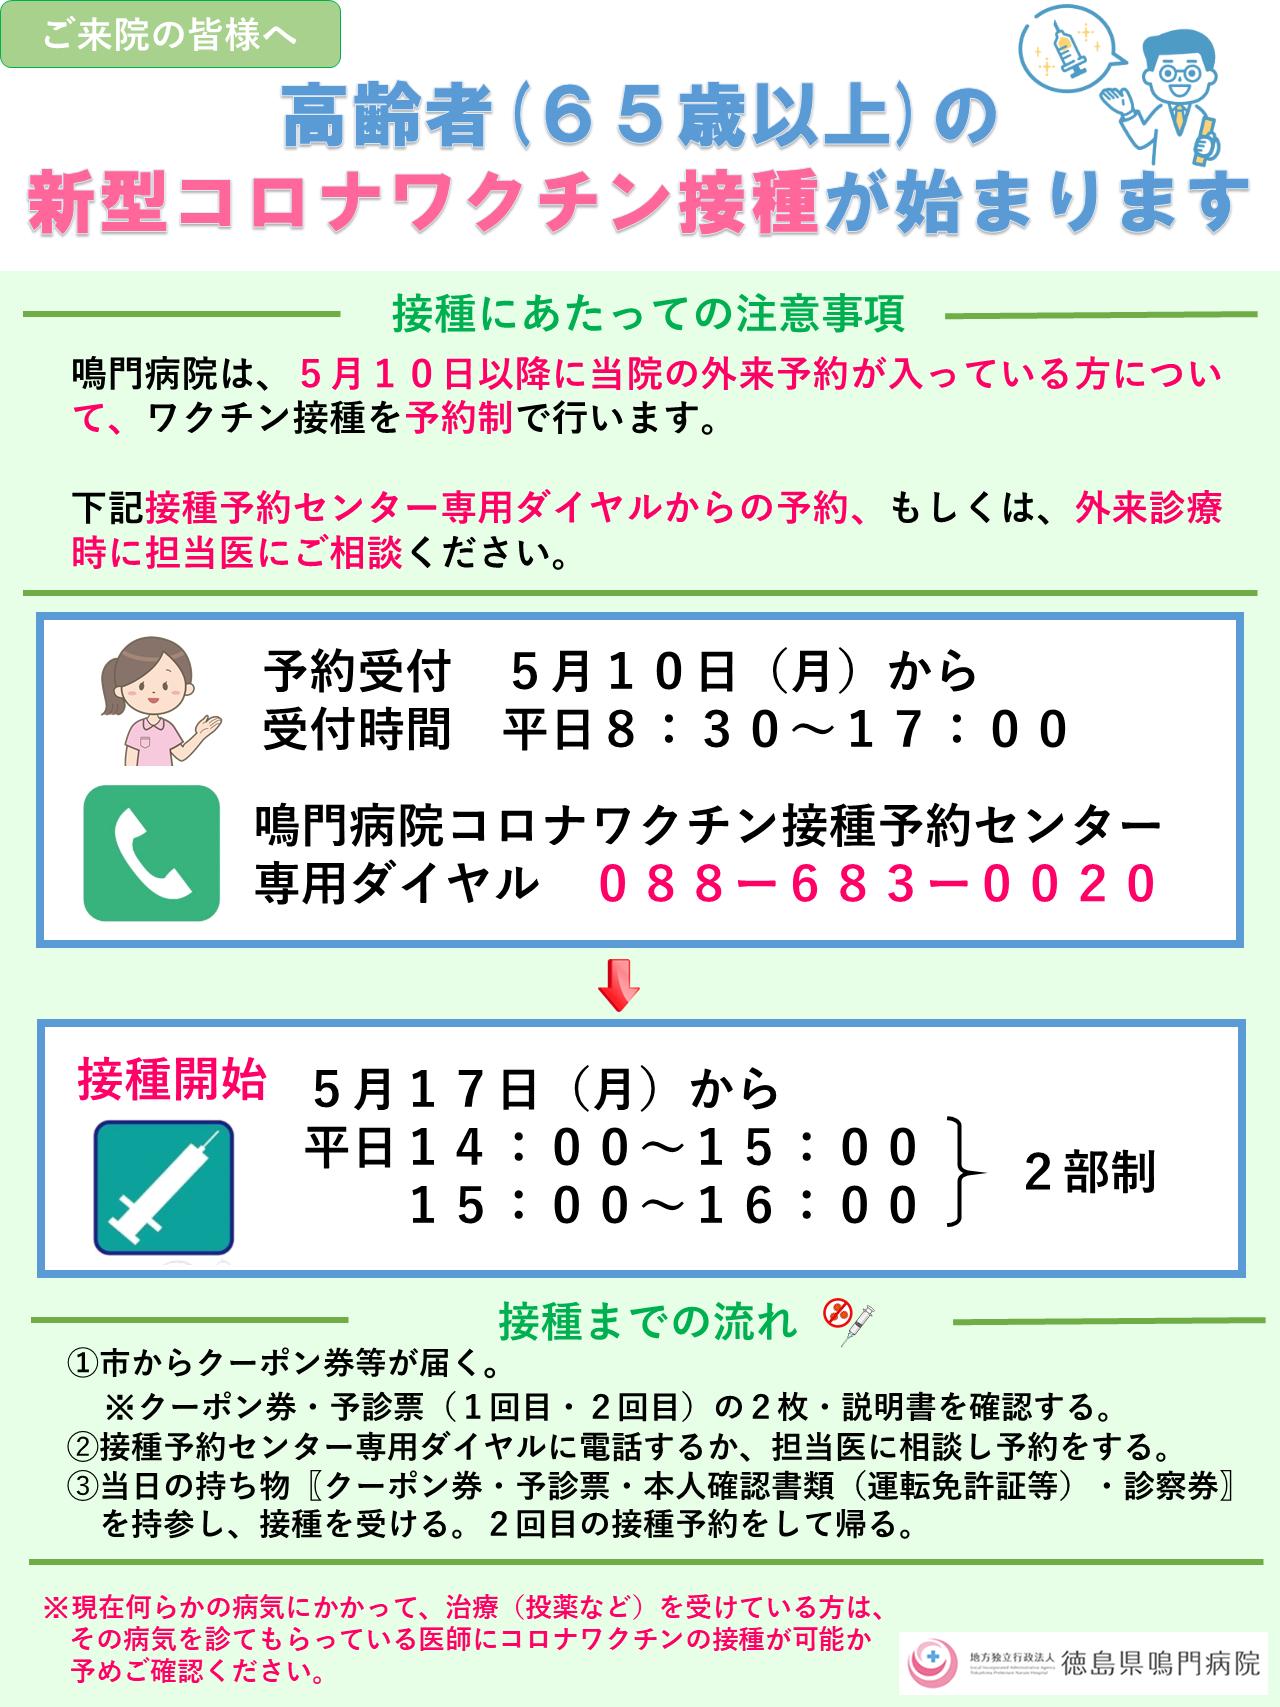 最新 コロナ 徳島 県 大規模接種会場、徳島県が検討 高齢者接種を本格化